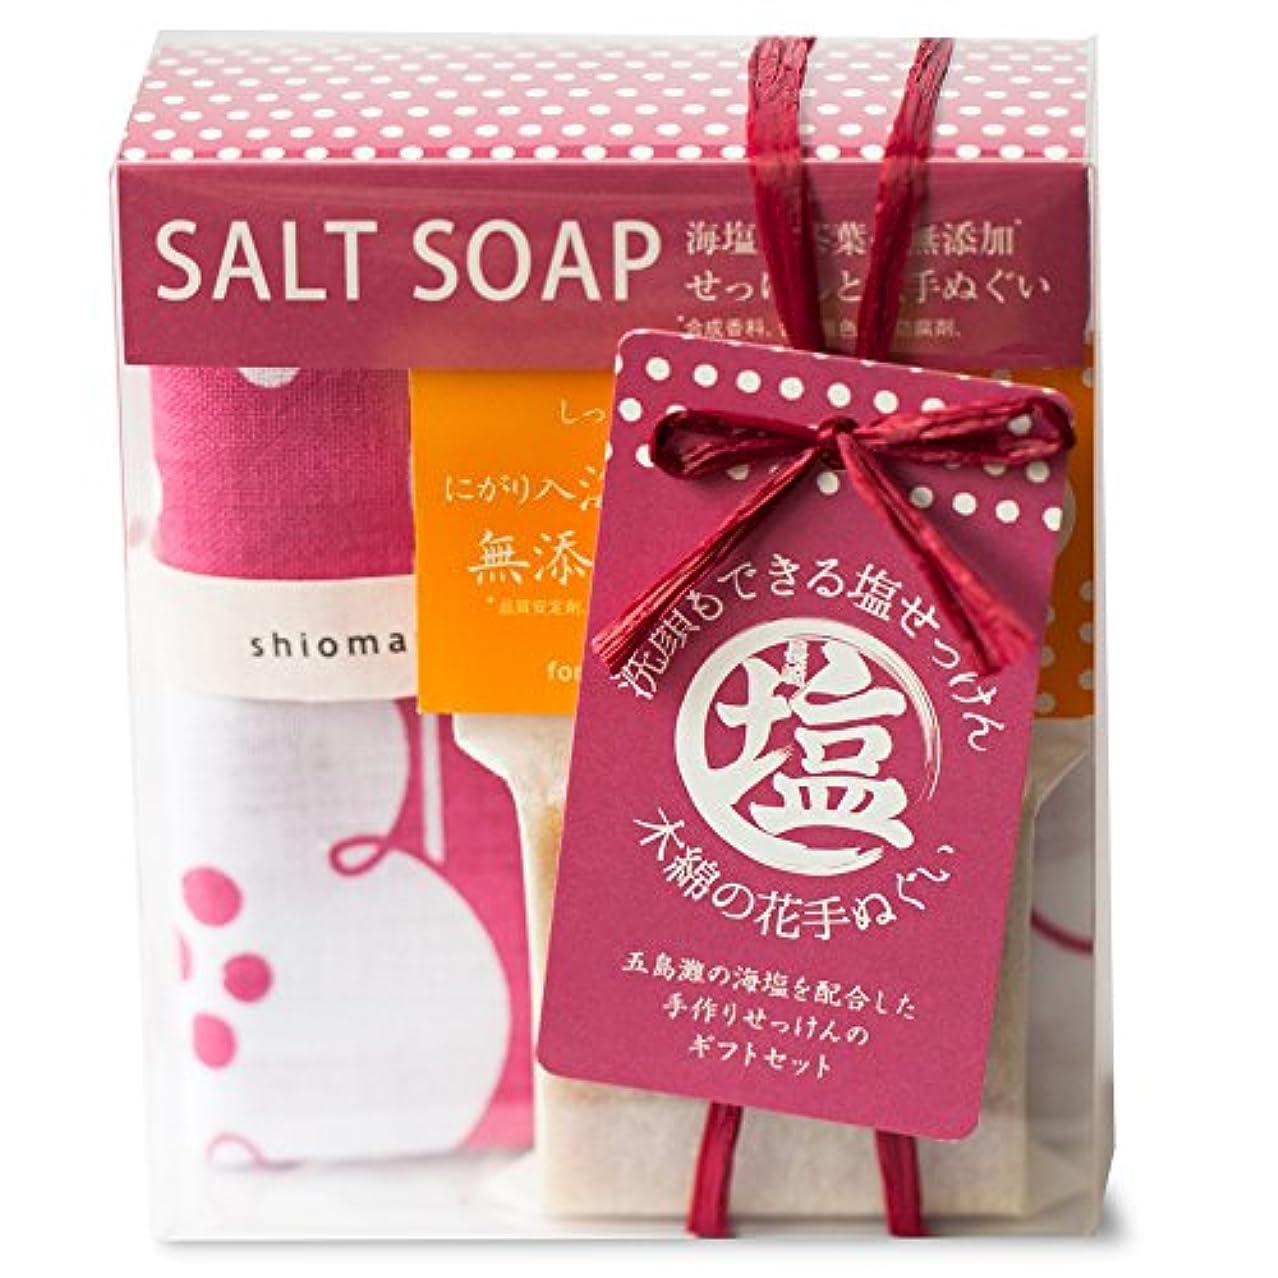 (塩丸)にがり入海塩せっけん/ツバキ柄ぬぐいのセット/オレンジ(蜂蜜配合/乾燥肌用)